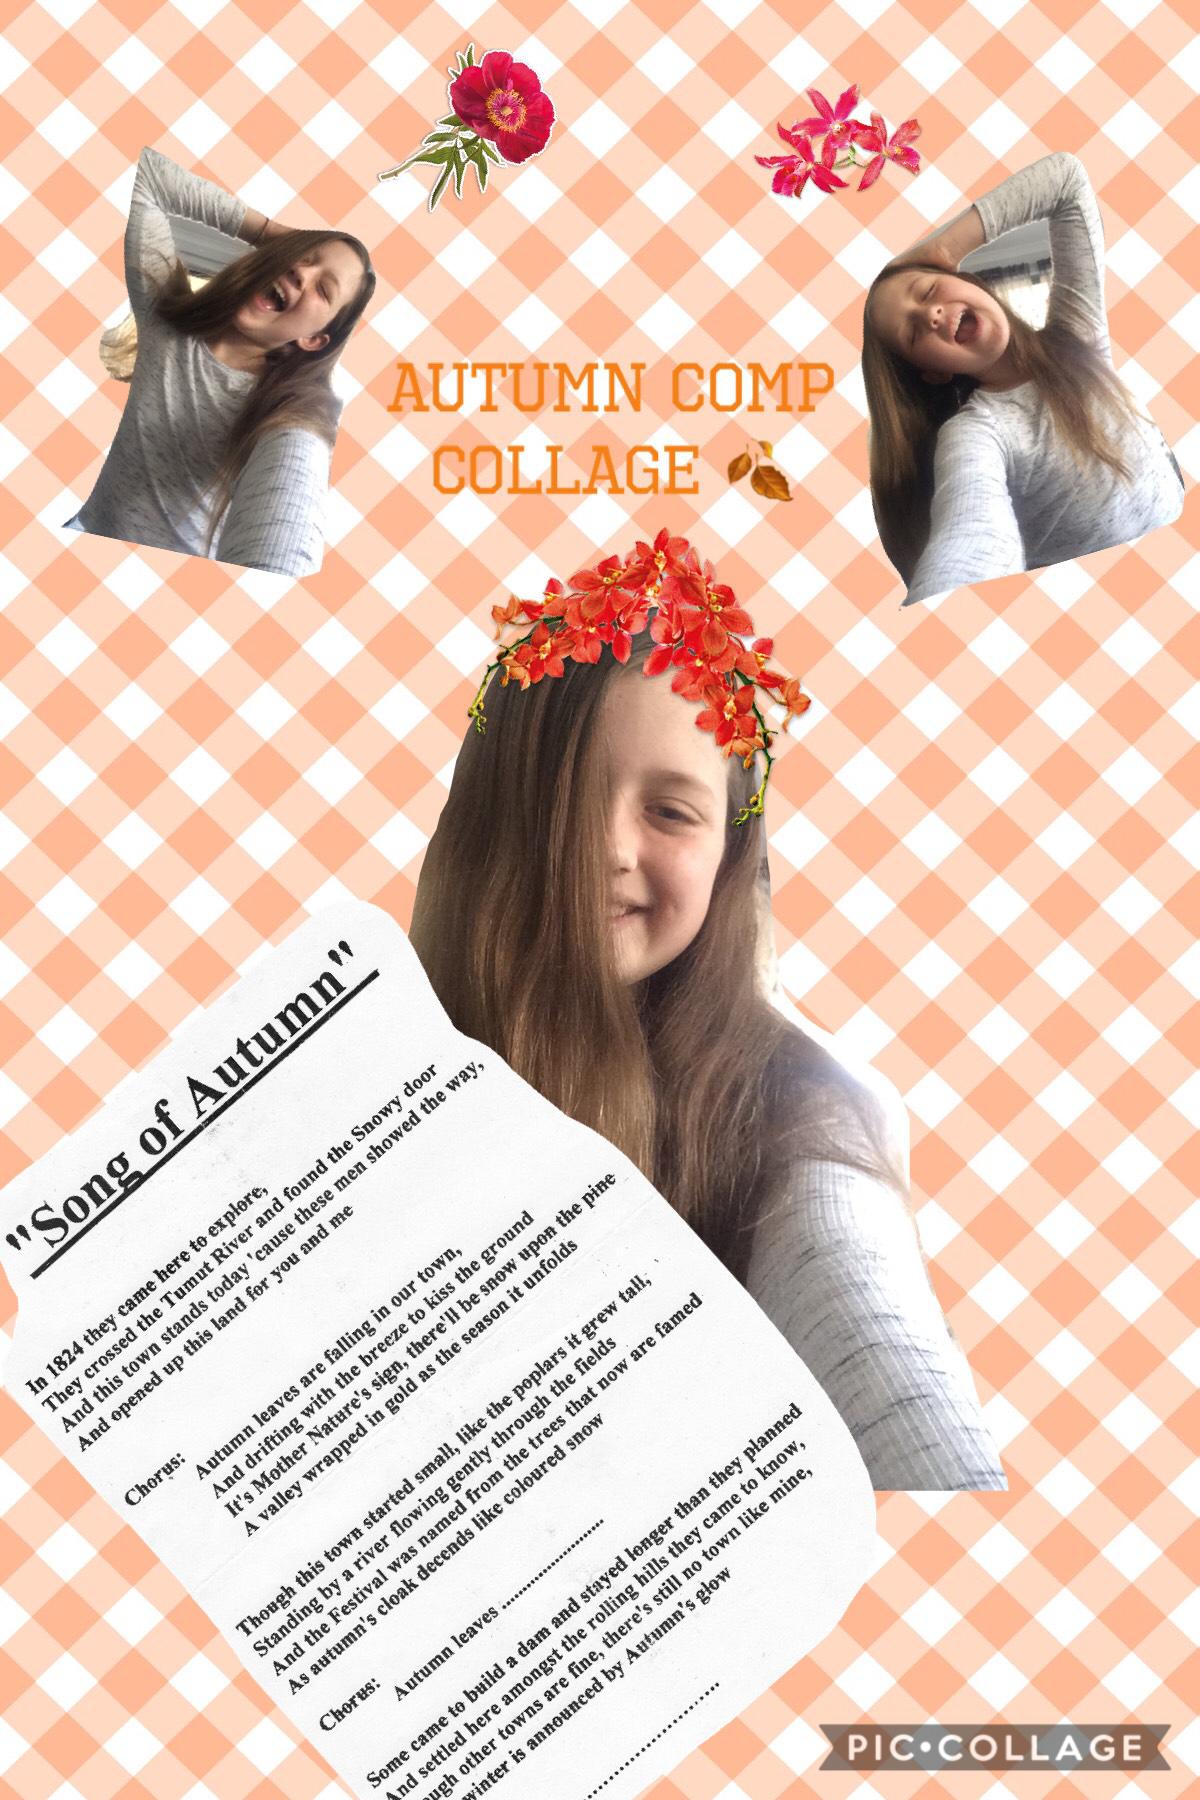 Autumn comp collage